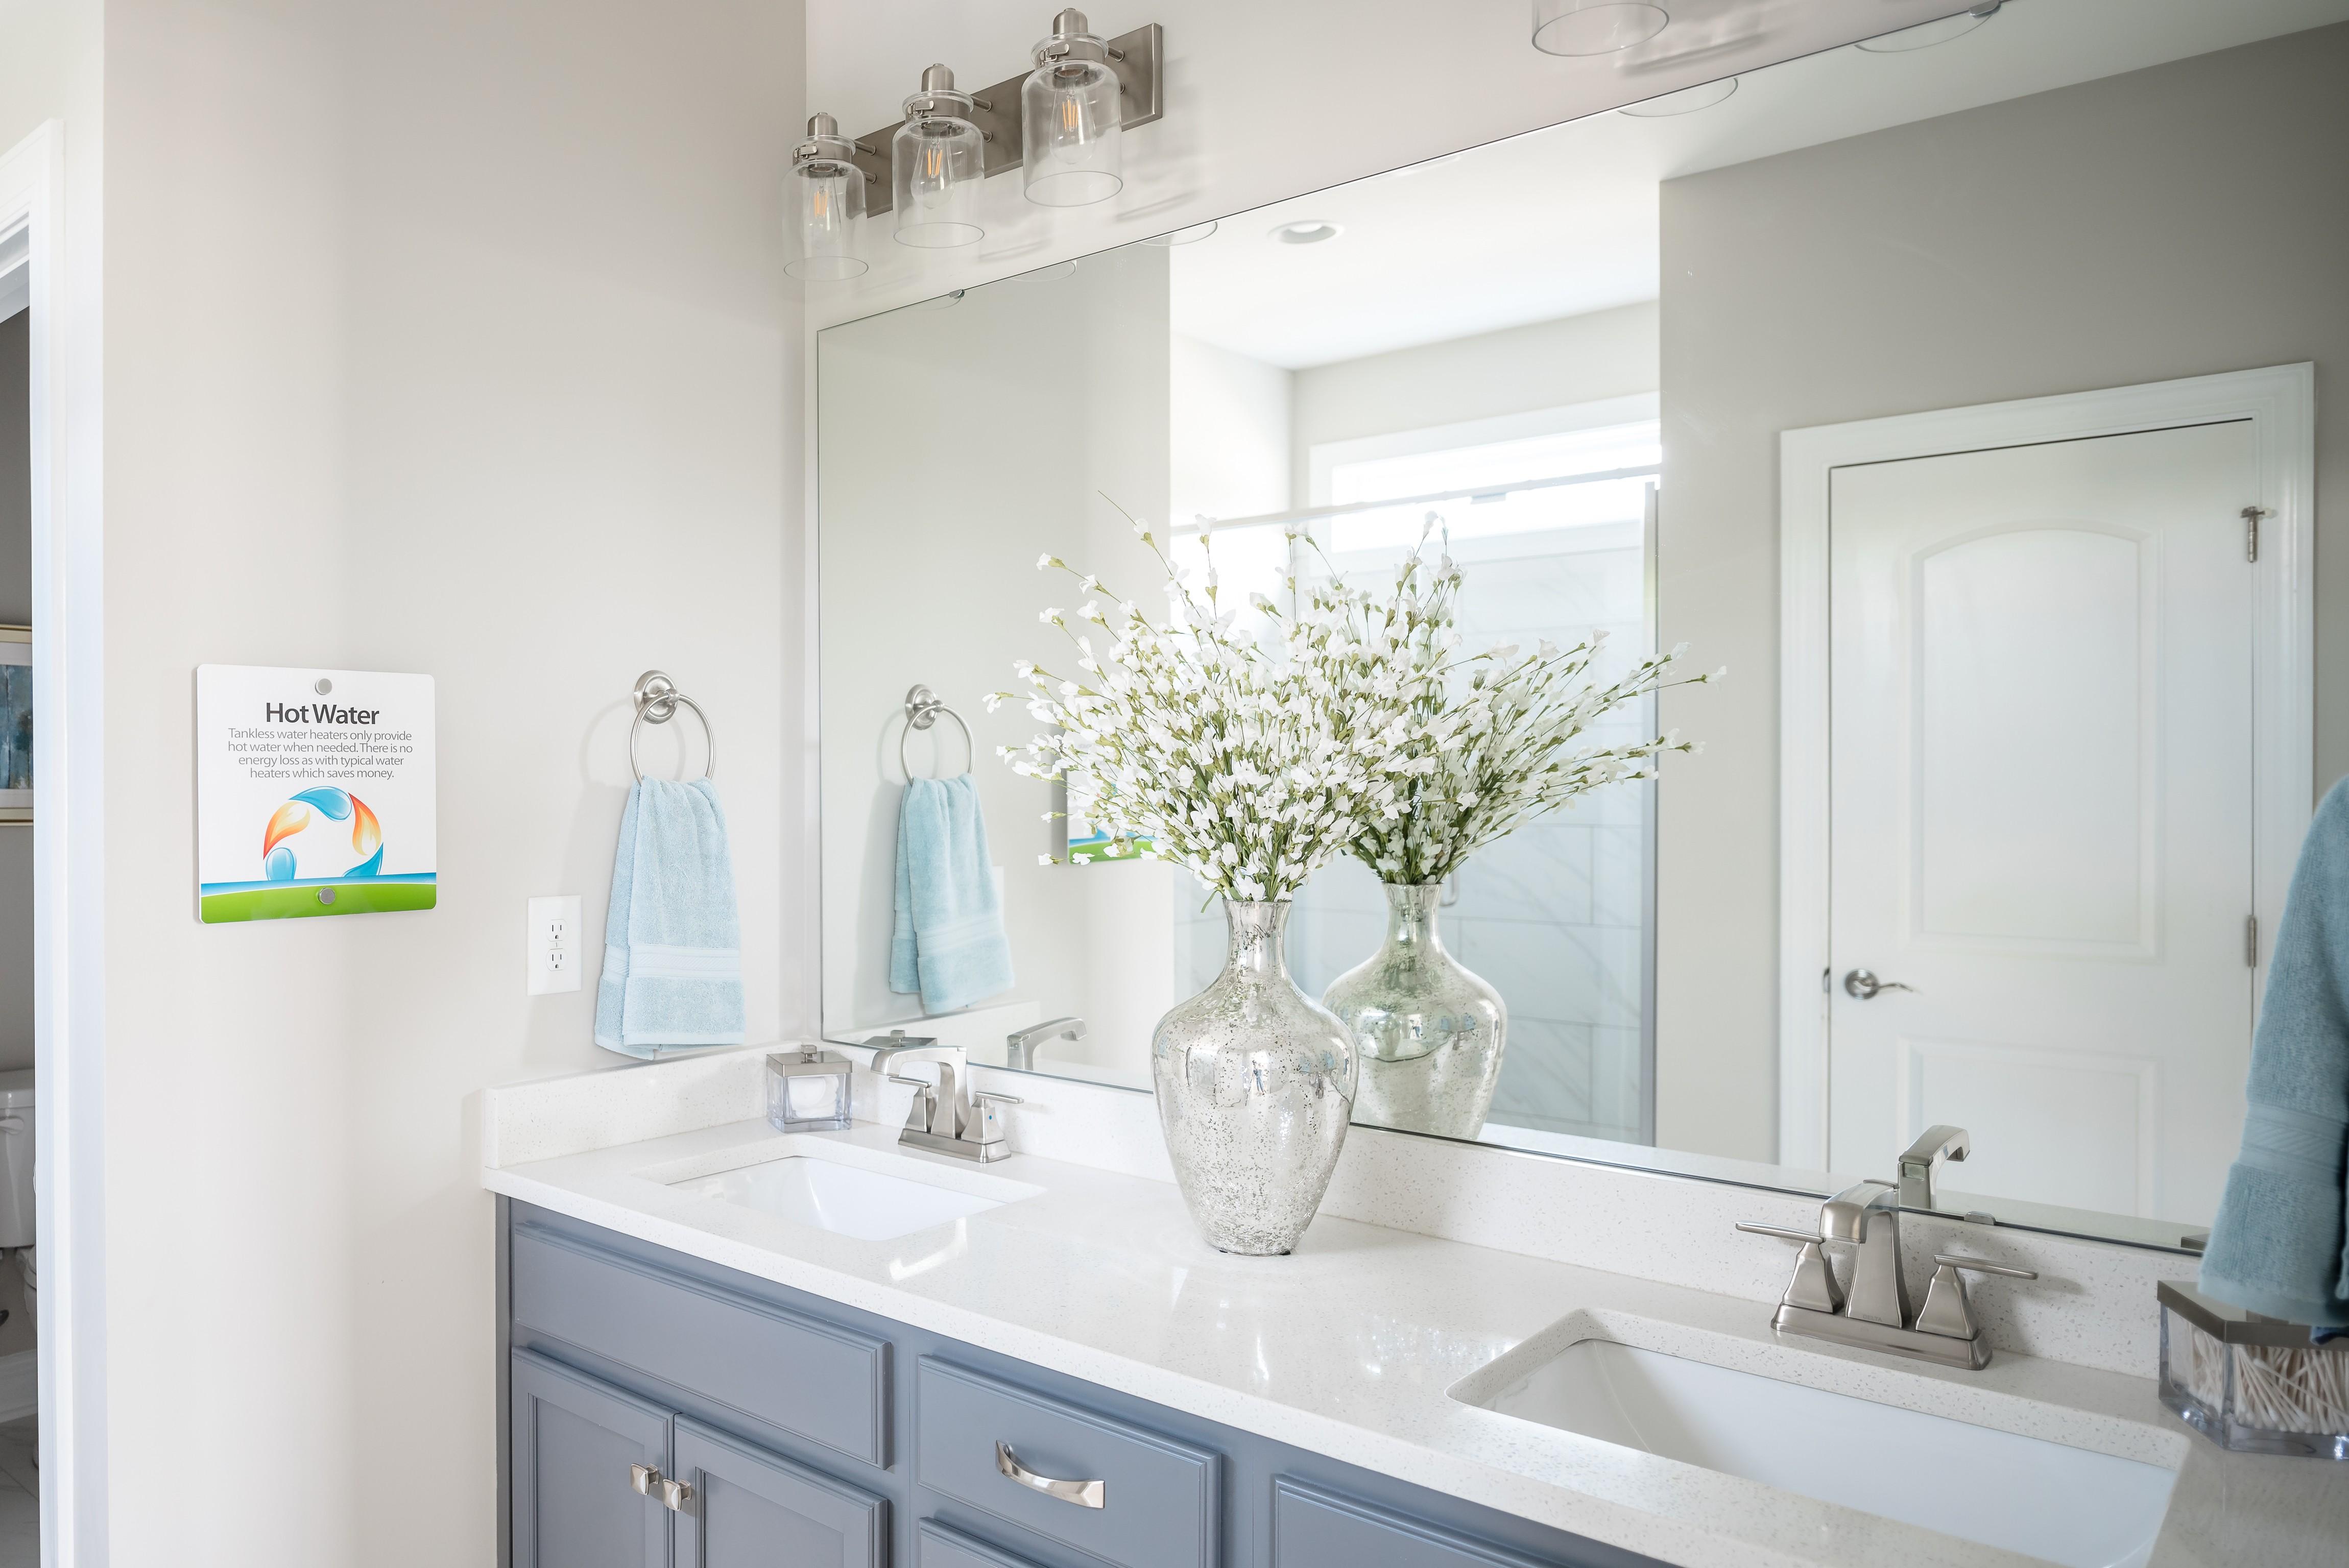 CLT_HTGNC_Woodlawn2_Model_Owner's_Bathroom.jpg